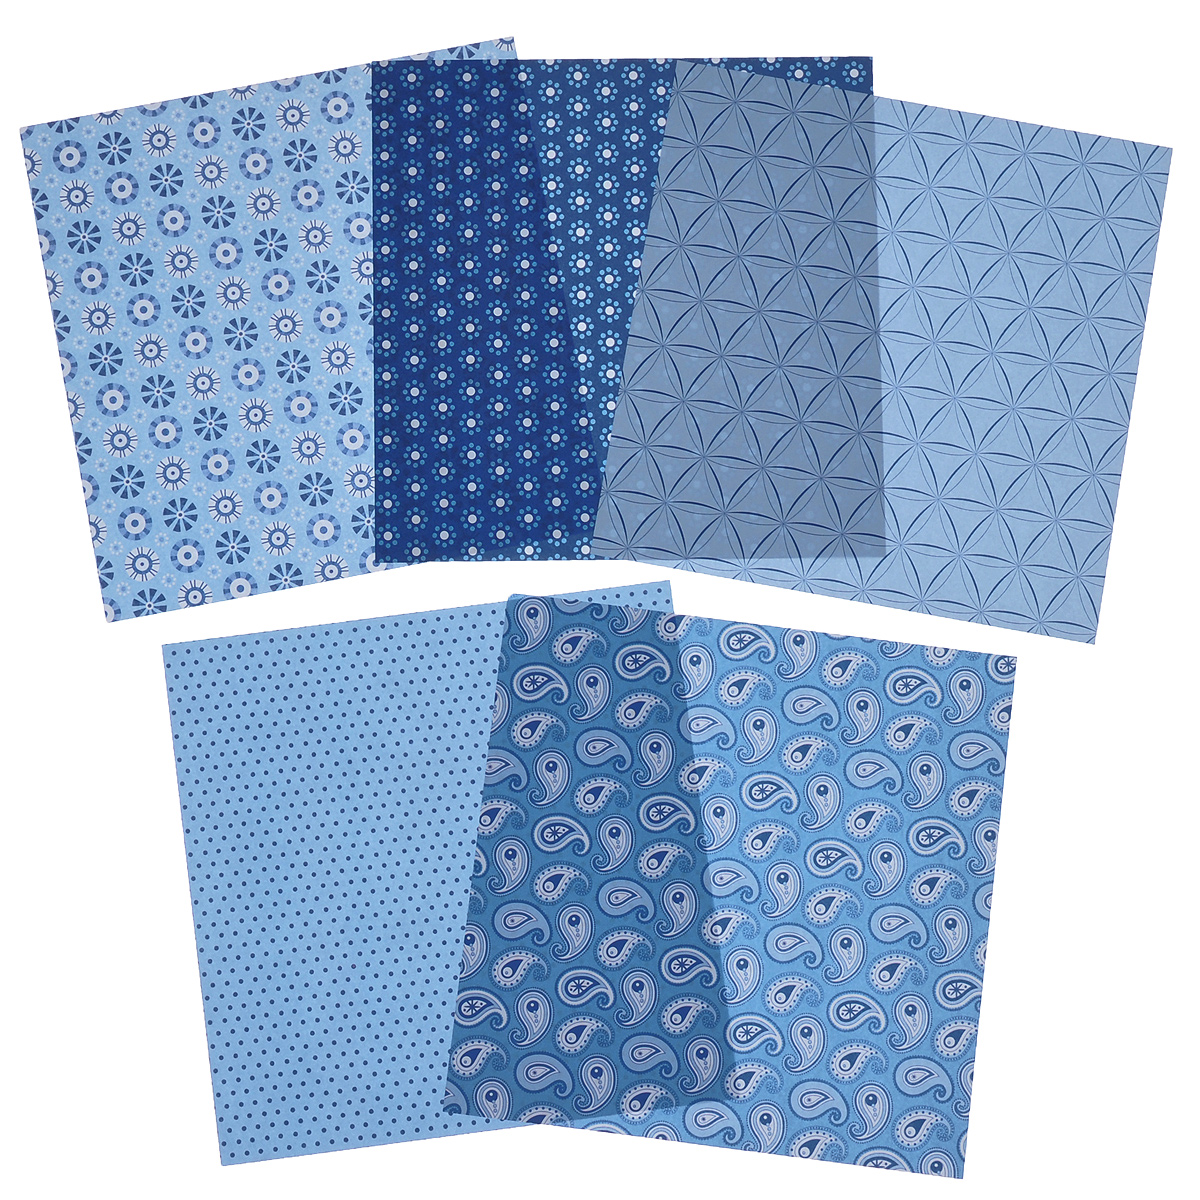 Бумага для оригами Folia, цвет: голубой, 15 см х 15 см, 50 листовRSP-202SНабор специальной цветной двусторонней бумаги для оригами Folia содержит 50 листов разных цветов, которые помогут вам и вашему ребенку сделать яркие и разнообразные фигурки. В набор входит бумага пяти разных дизайнов. С одной стороны - бумага однотонная, с другой - оформлена оригинальными узорами и орнаментами. Эти листы можно использовать для оригами, украшения для садового подсвечника или для создания новогодних звезд. При многоразовом сгибании листа на бумаге не появляются трещины, так как она обладает очень высоким качеством. Бумага хорошо комбинируется с цветным картоном.За свою многовековую историю оригами прошло путь от храмовых обрядов до искусства, дарящего радость и красоту миллионам людей во всем мире. Складывание и художественное оформление фигурок оригами интересно заполнят свободное время, доставят огромное удовольствие, радость и взрослым и детям. Увлекательные занятия оригами развивают мелкую моторику рук, воображение, мышление, воспитывают волевые качества и совершенствуют художественный вкус ребенка.Плотность бумаги: 80 г/м2.Размер листа: 15 см х 15 см.